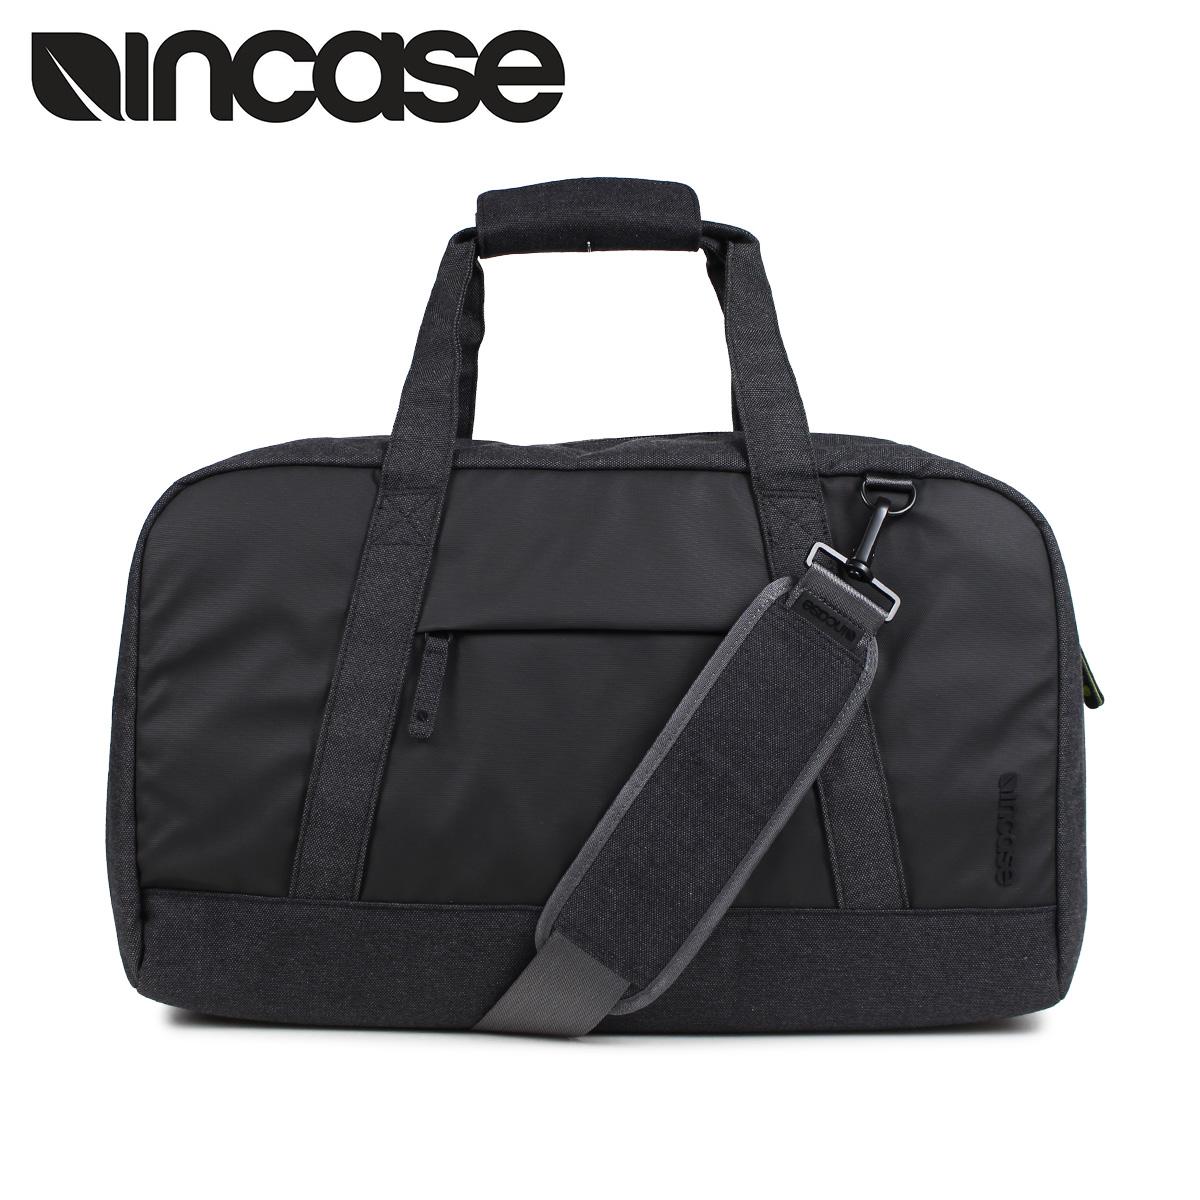 INCASE EO TRAVEL DUFFEL インケース ダッフルバッグ ボストンバッグ CL90005 ブラック メンズ